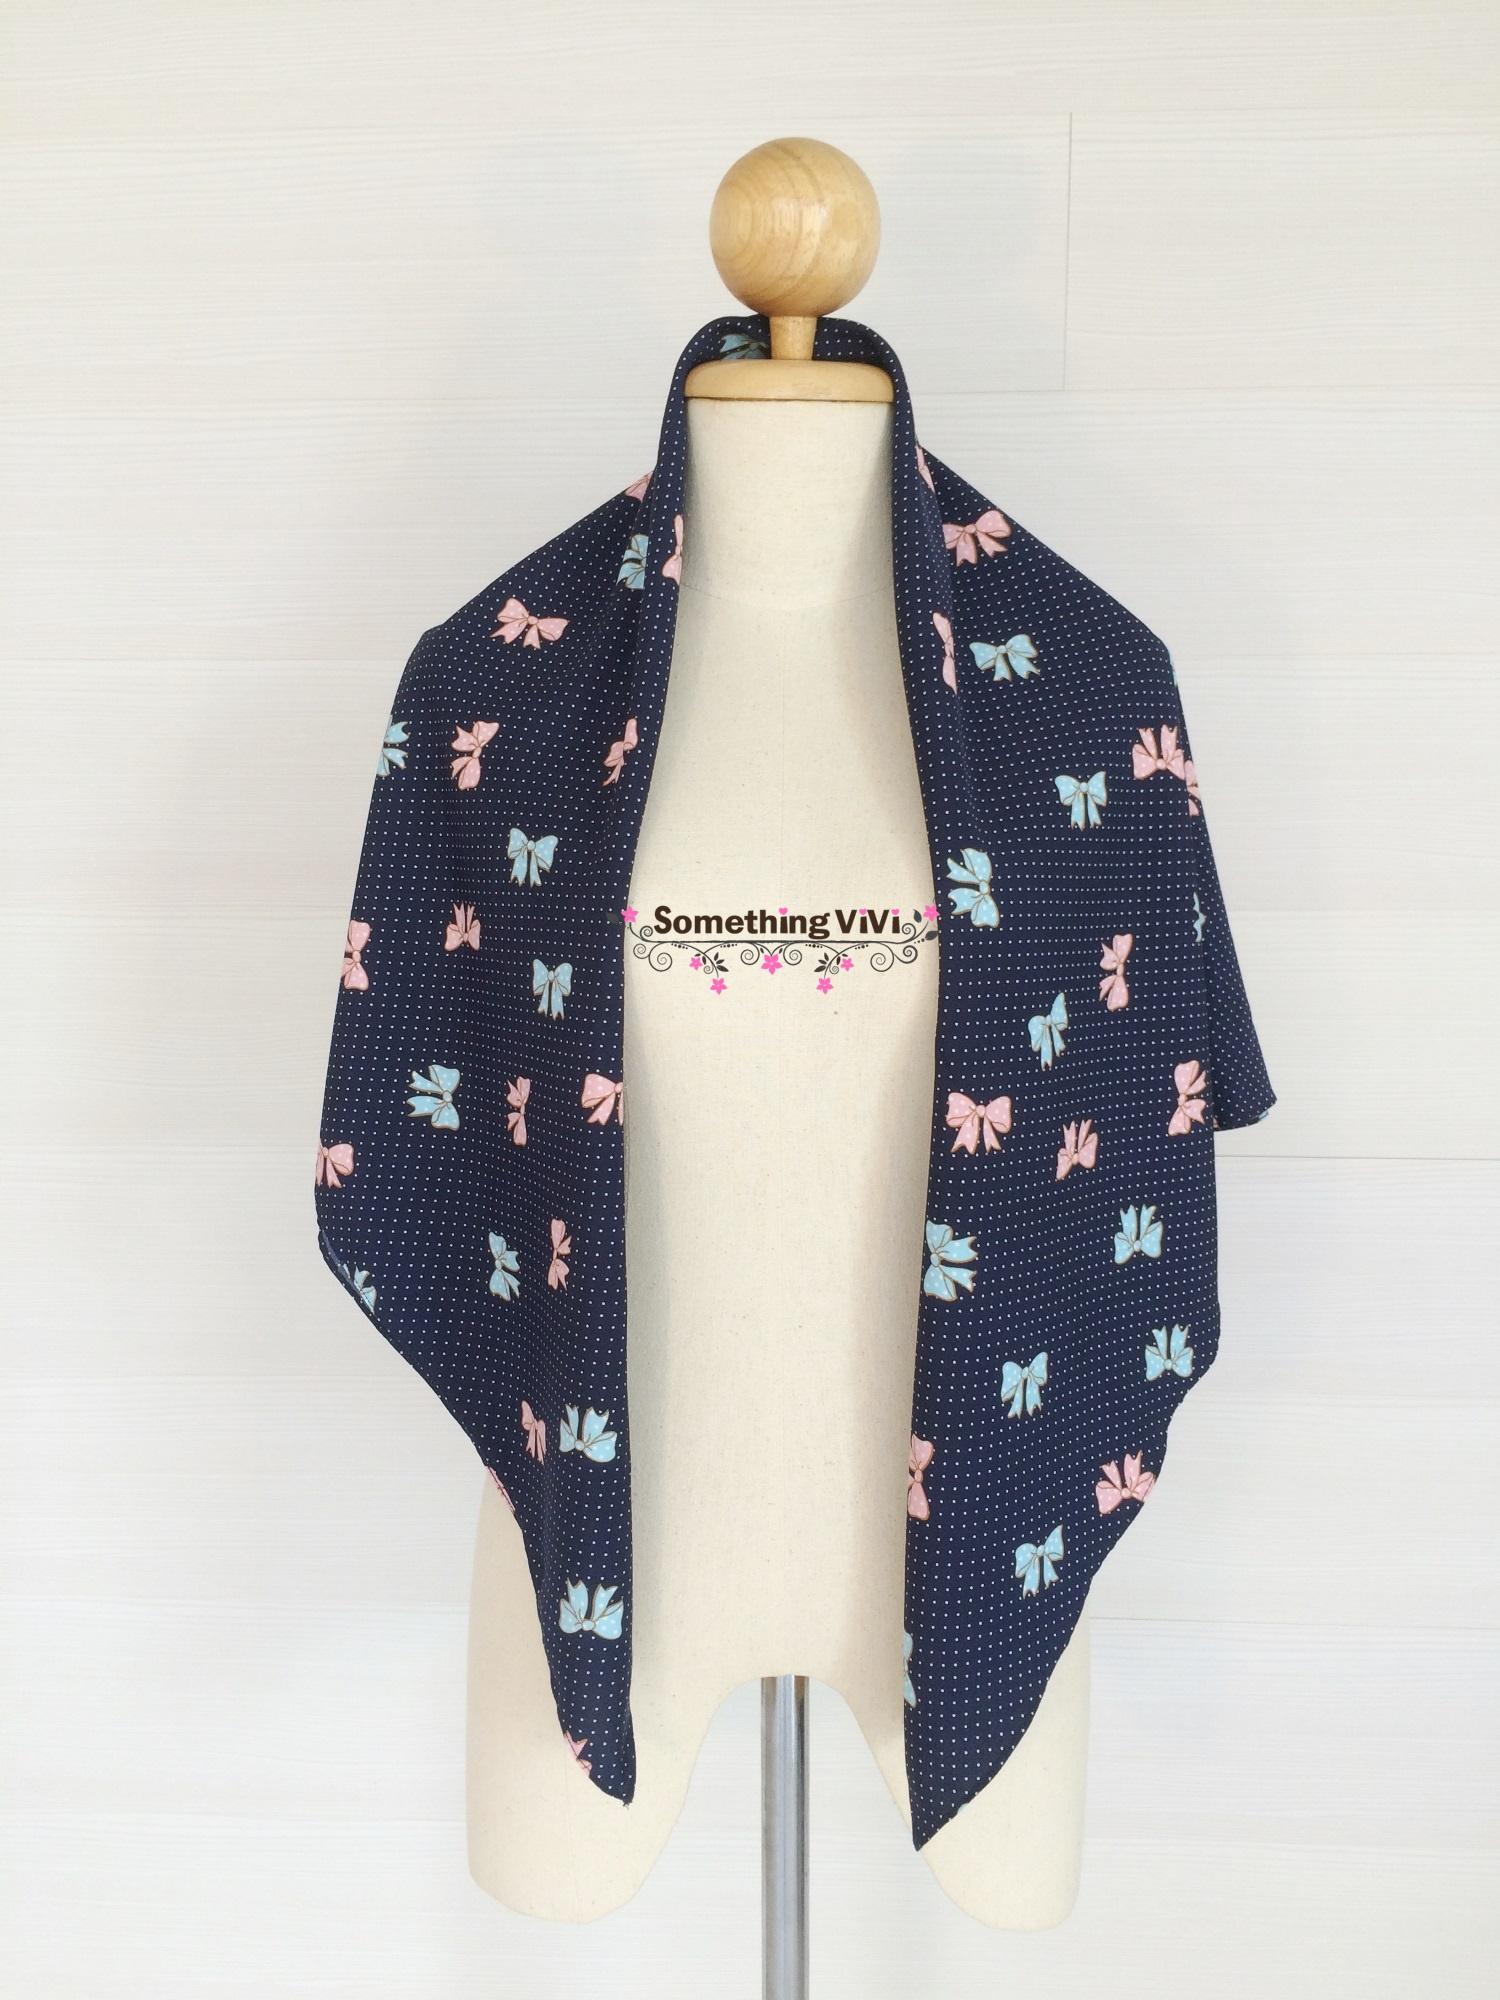 ผ้าพันคอ/ผ้าคลุมไหล่/ผ้าคลุมให้นม รุ่น Bowtie and Polka dots (Size L) สี Royal Blue ผ้าพันคอลายโบว์สลับจุดน่ารักมาก มุ้งมิ้งสุดๆ มาอัพไอเทมให้ตัวเองกันค่ะ ถึงสีจะทึบแต่ก็สวยไม่เบาเลยนะคะ กำลังฟรุ้งฟริ้ง สดใสไปอีก พร้อมกล่อง/ซองแพคเกจอย่างดี ของขวัญ/ของฝาก